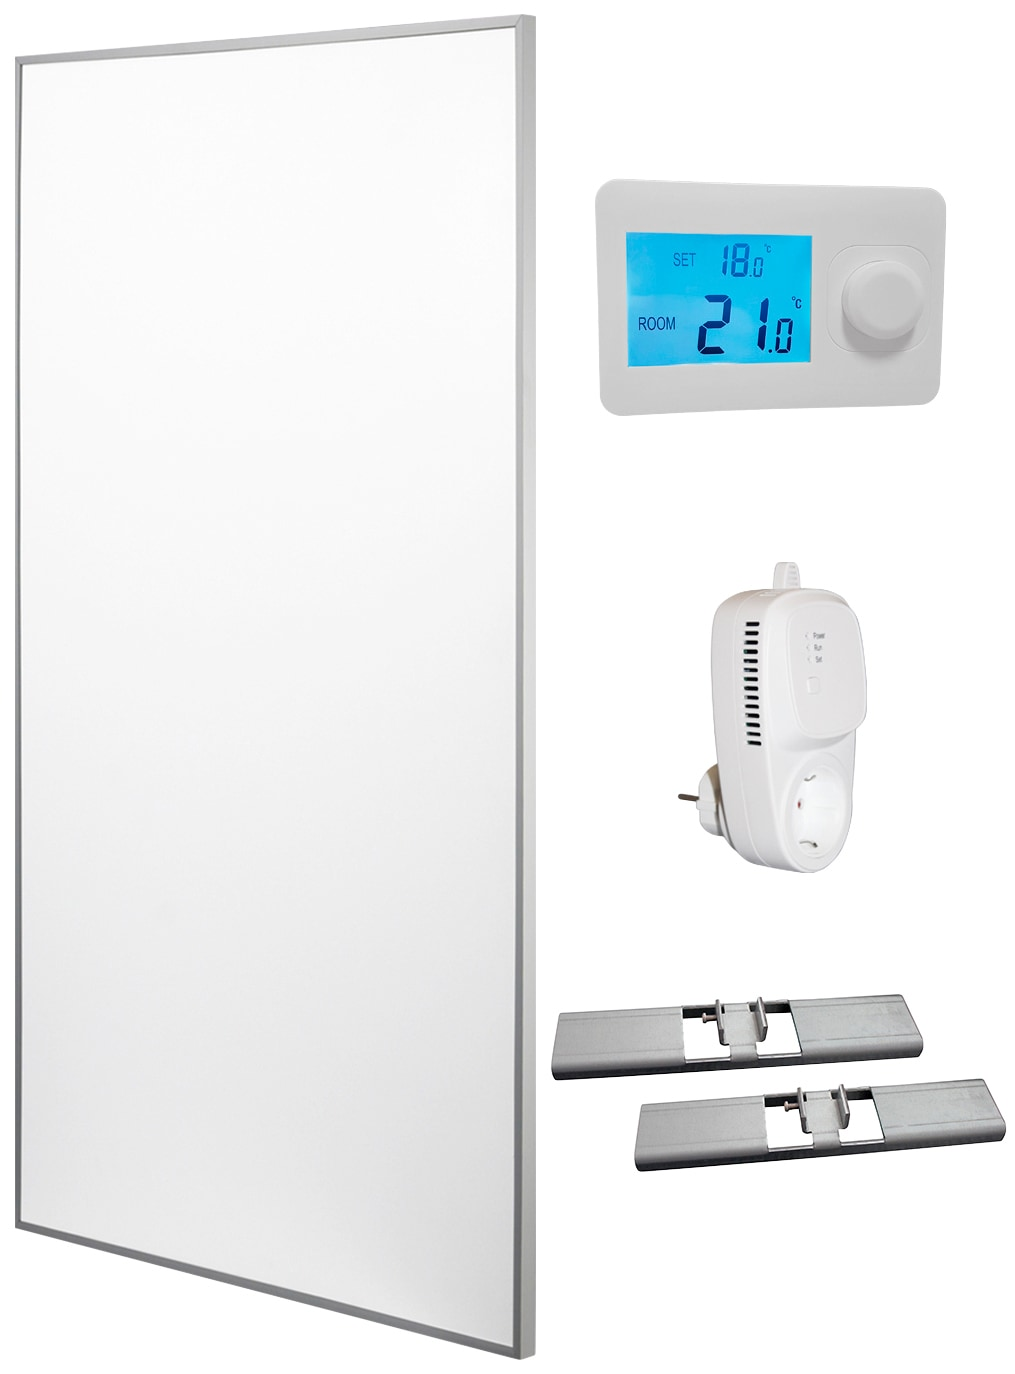 RÖMER Infrarot Heizsysteme Infrarotheizung Aluminium, 850 W, 60x120 cm | Baumarkt > Heizung und Klima > Heizgeräte | Weiß | Aluminium | RÖMER Infrarot Heizsysteme